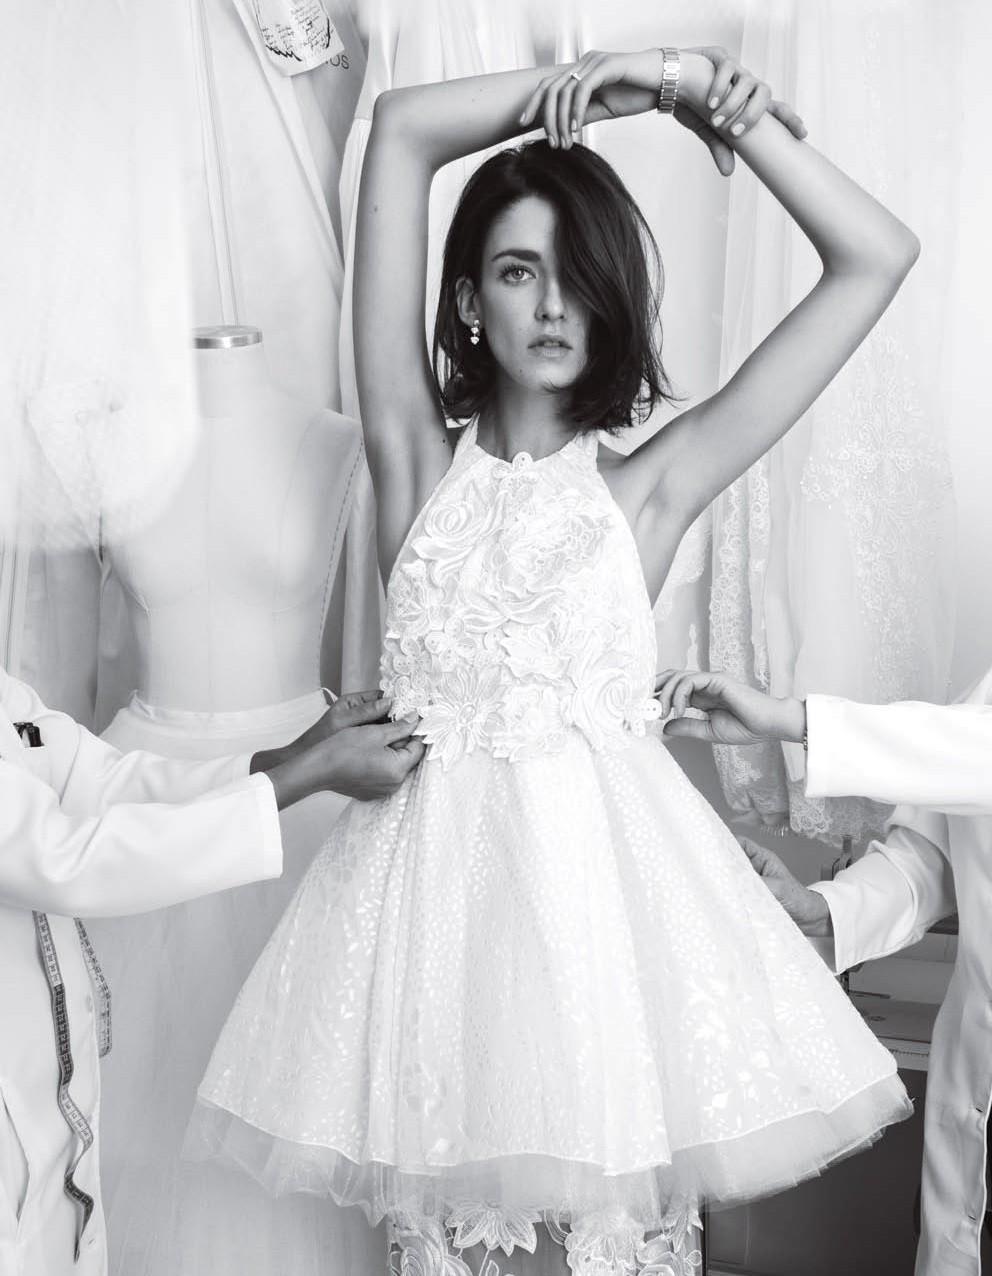 Joalheira dá dicas para combinar as joias com o vestido de casamento (Foto: Jacques Dequeker/Vogue Noiva)